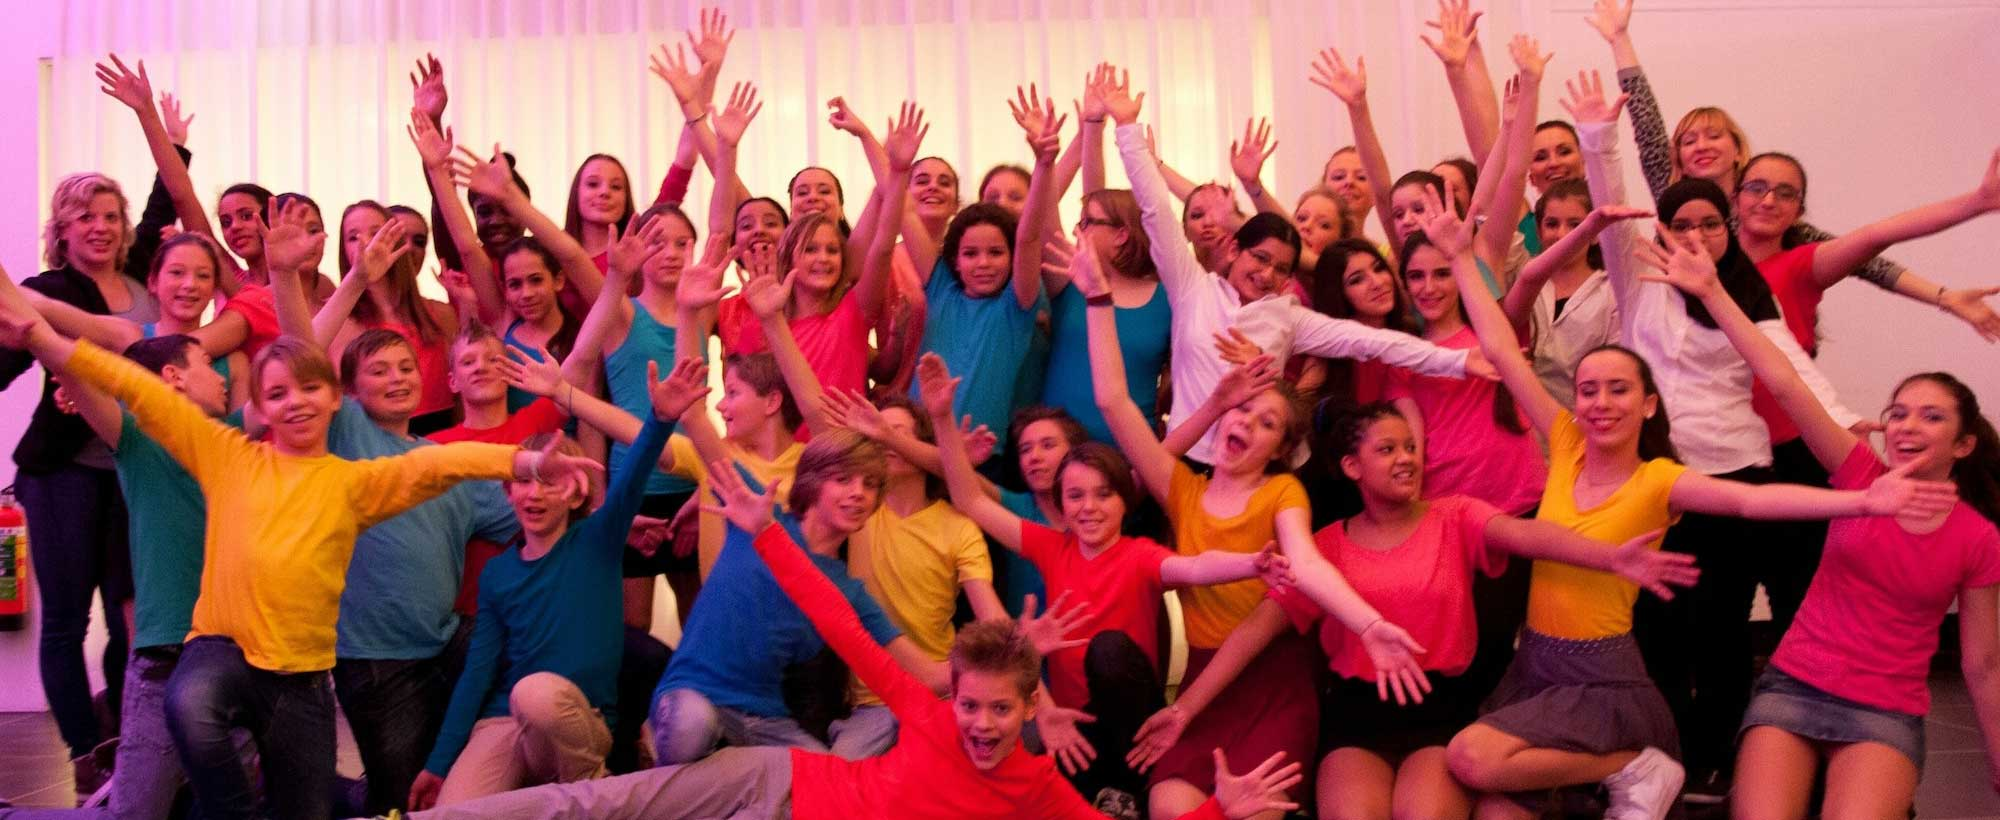 12 jaar en optreden in de grote zaal van de Stadsschouwburg, ja hoor!